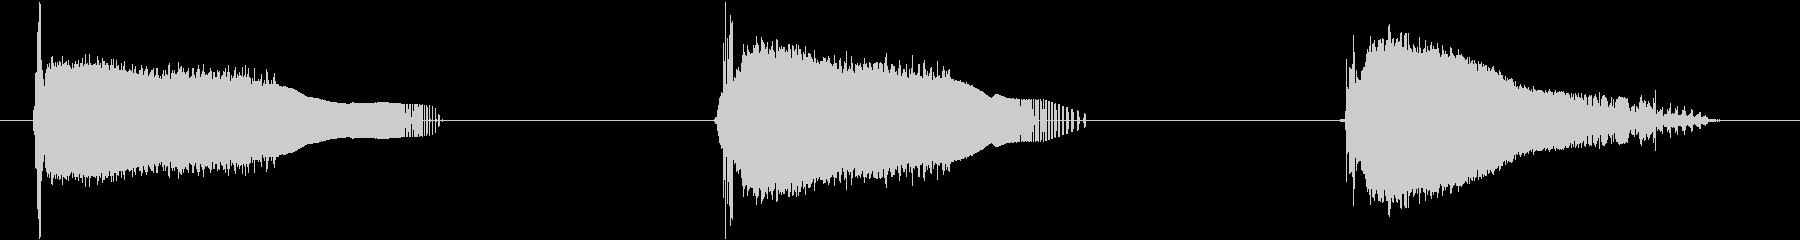 フィクション 電力装置 グリッチ01の未再生の波形